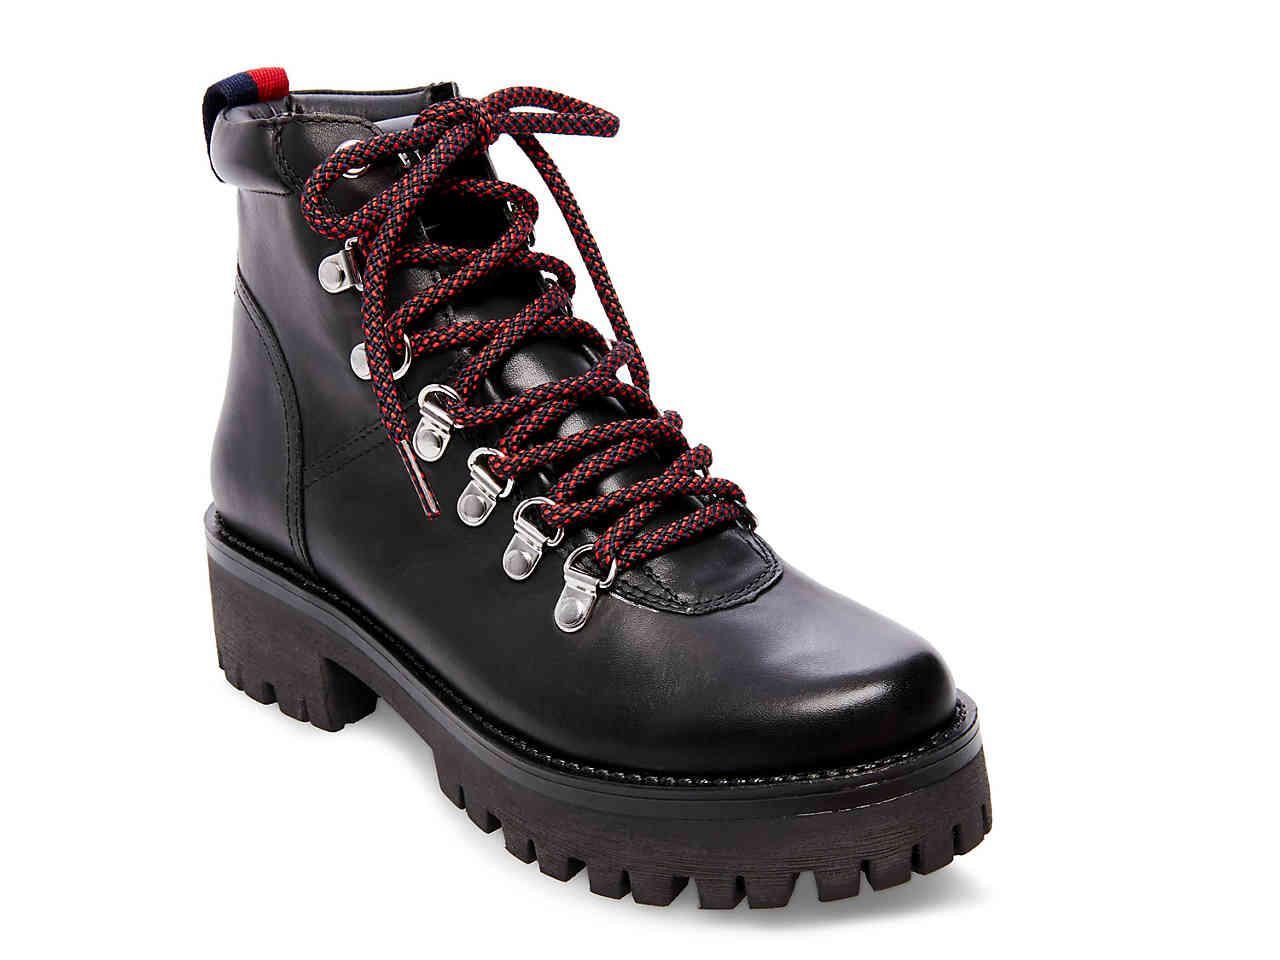 98bed0dbd62 Lyst - Steve Madden Bam Combat Boot in Black